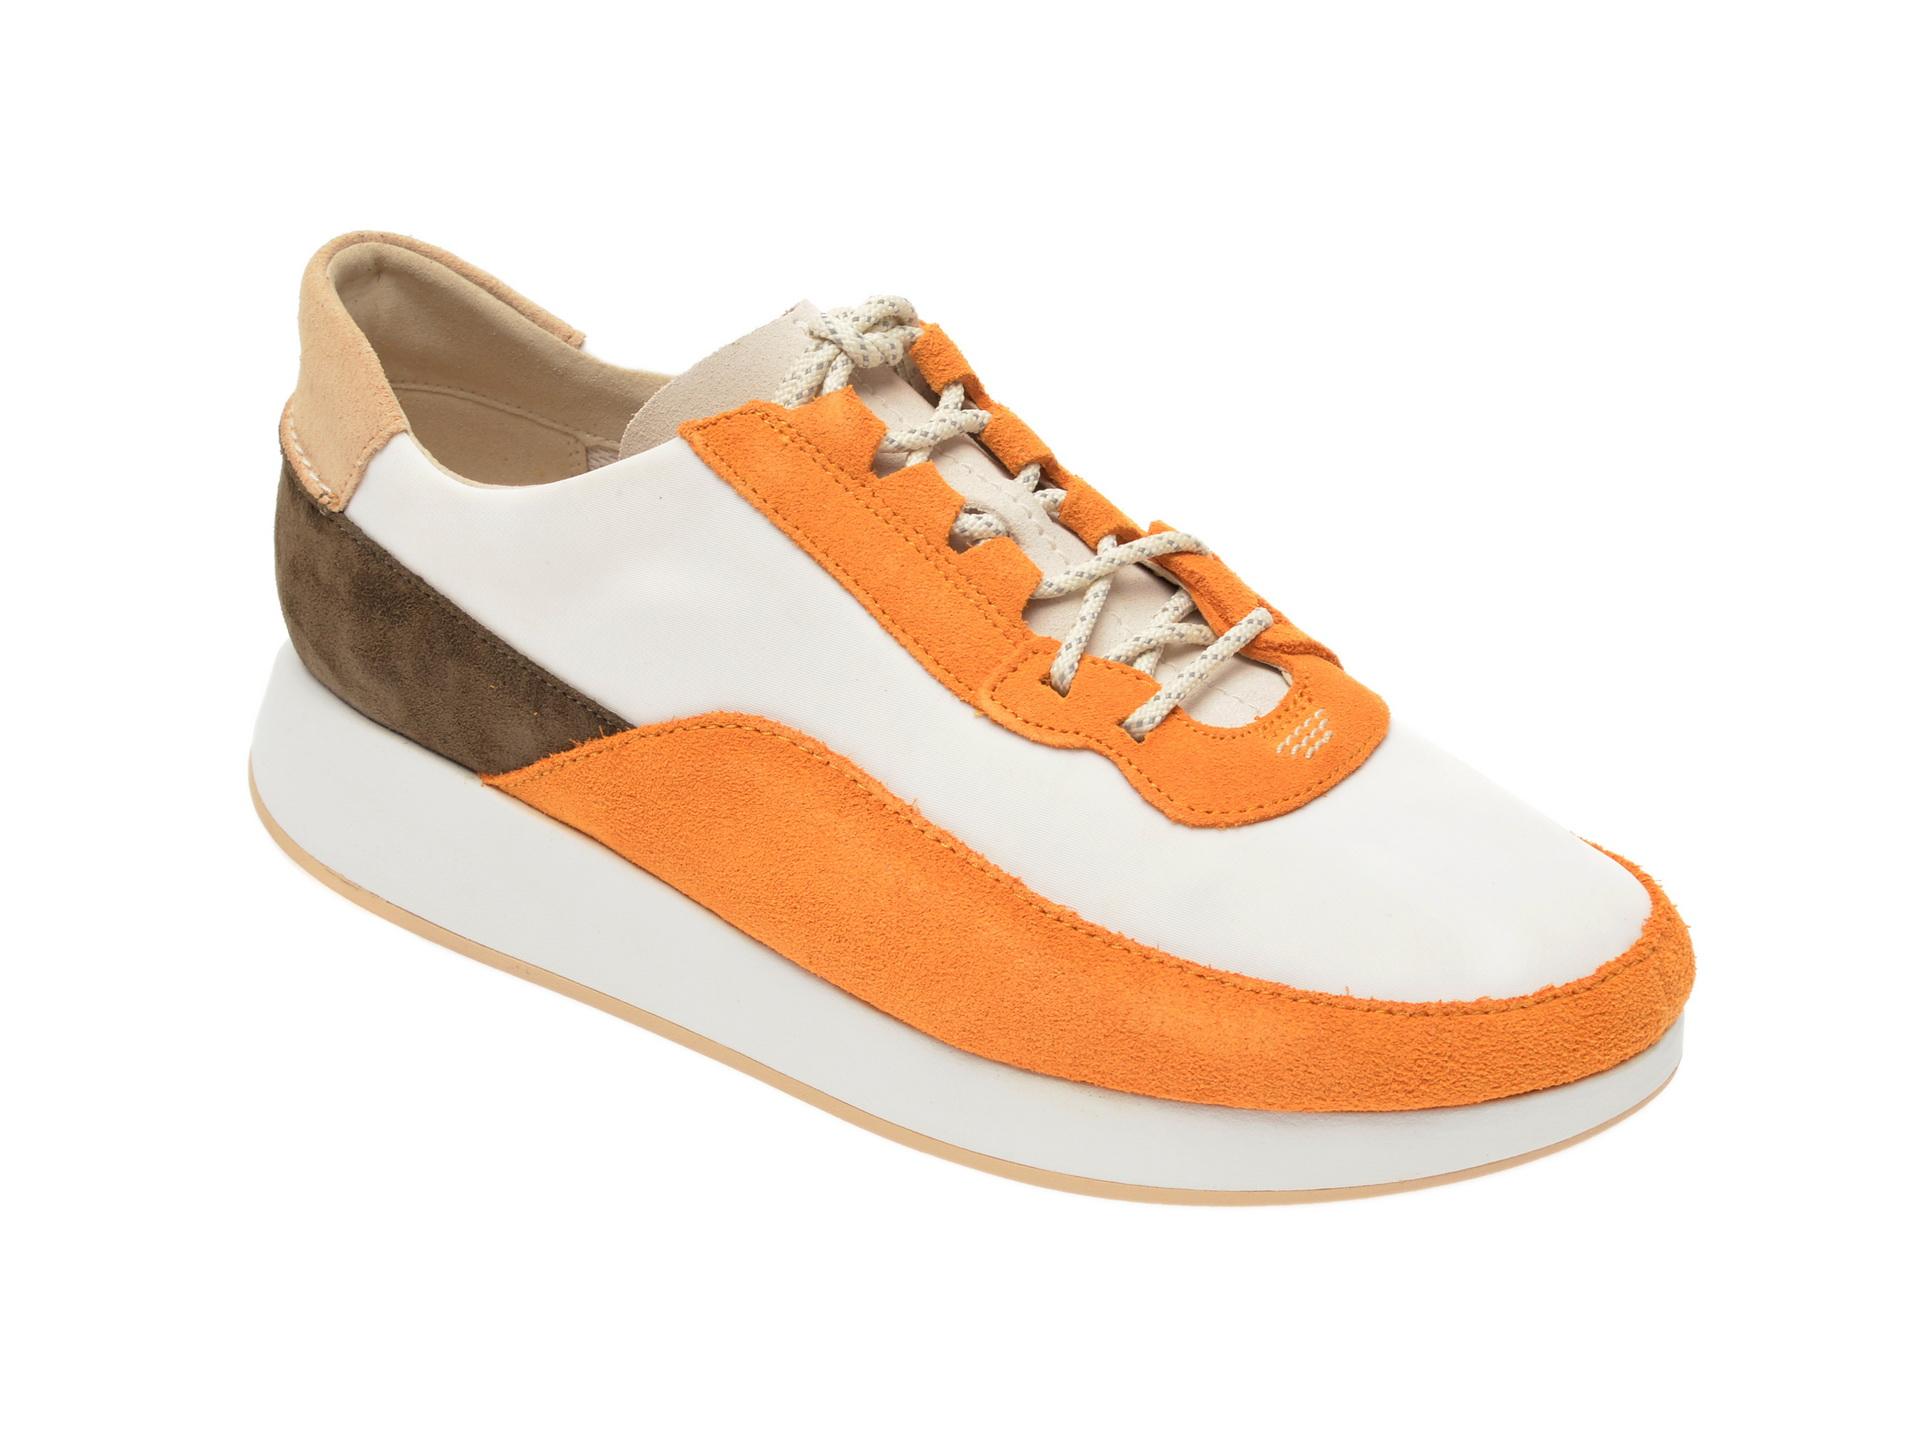 Pantofi sport CLARKS multicolor, Kiowa Pace, din material textil si piele intoarsa imagine